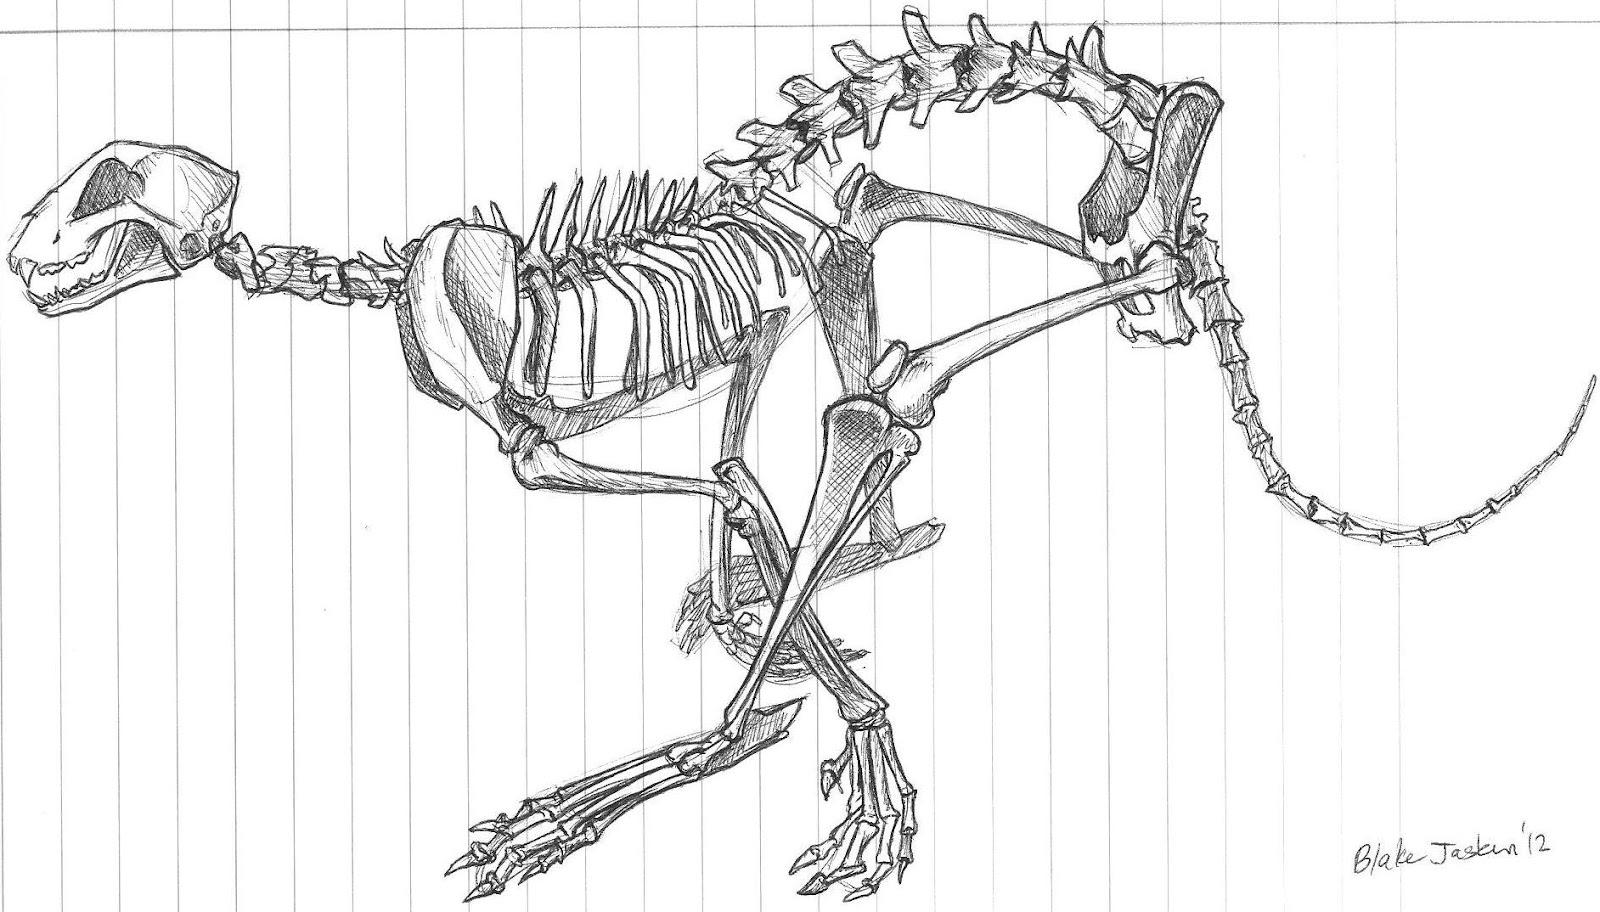 blake j cartoons  cheetah skeleton studies